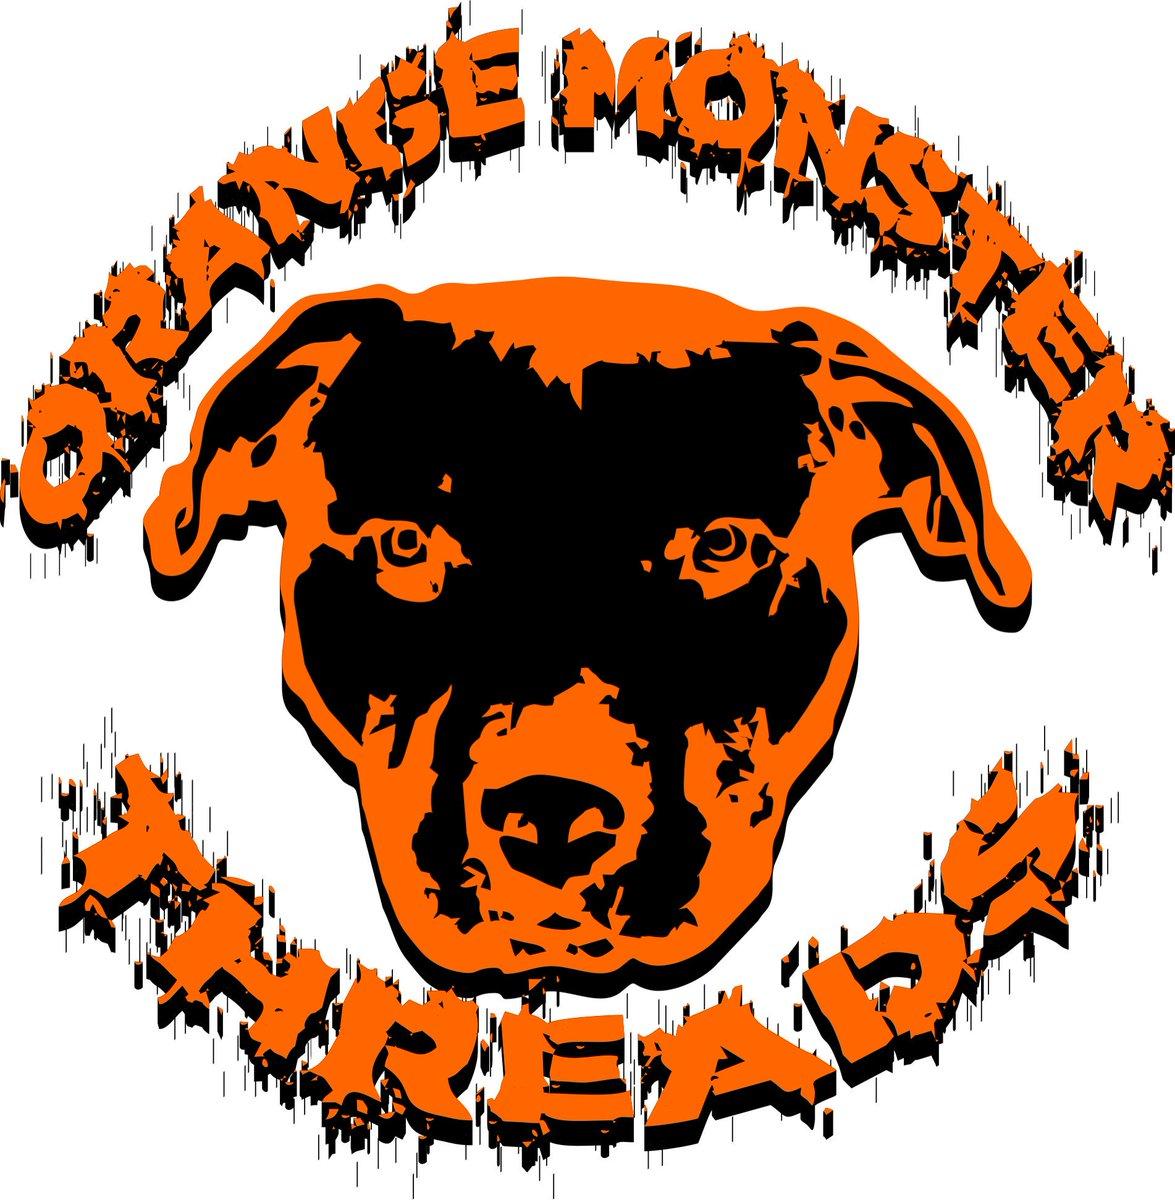 Orange Monster Threads on Twitter: